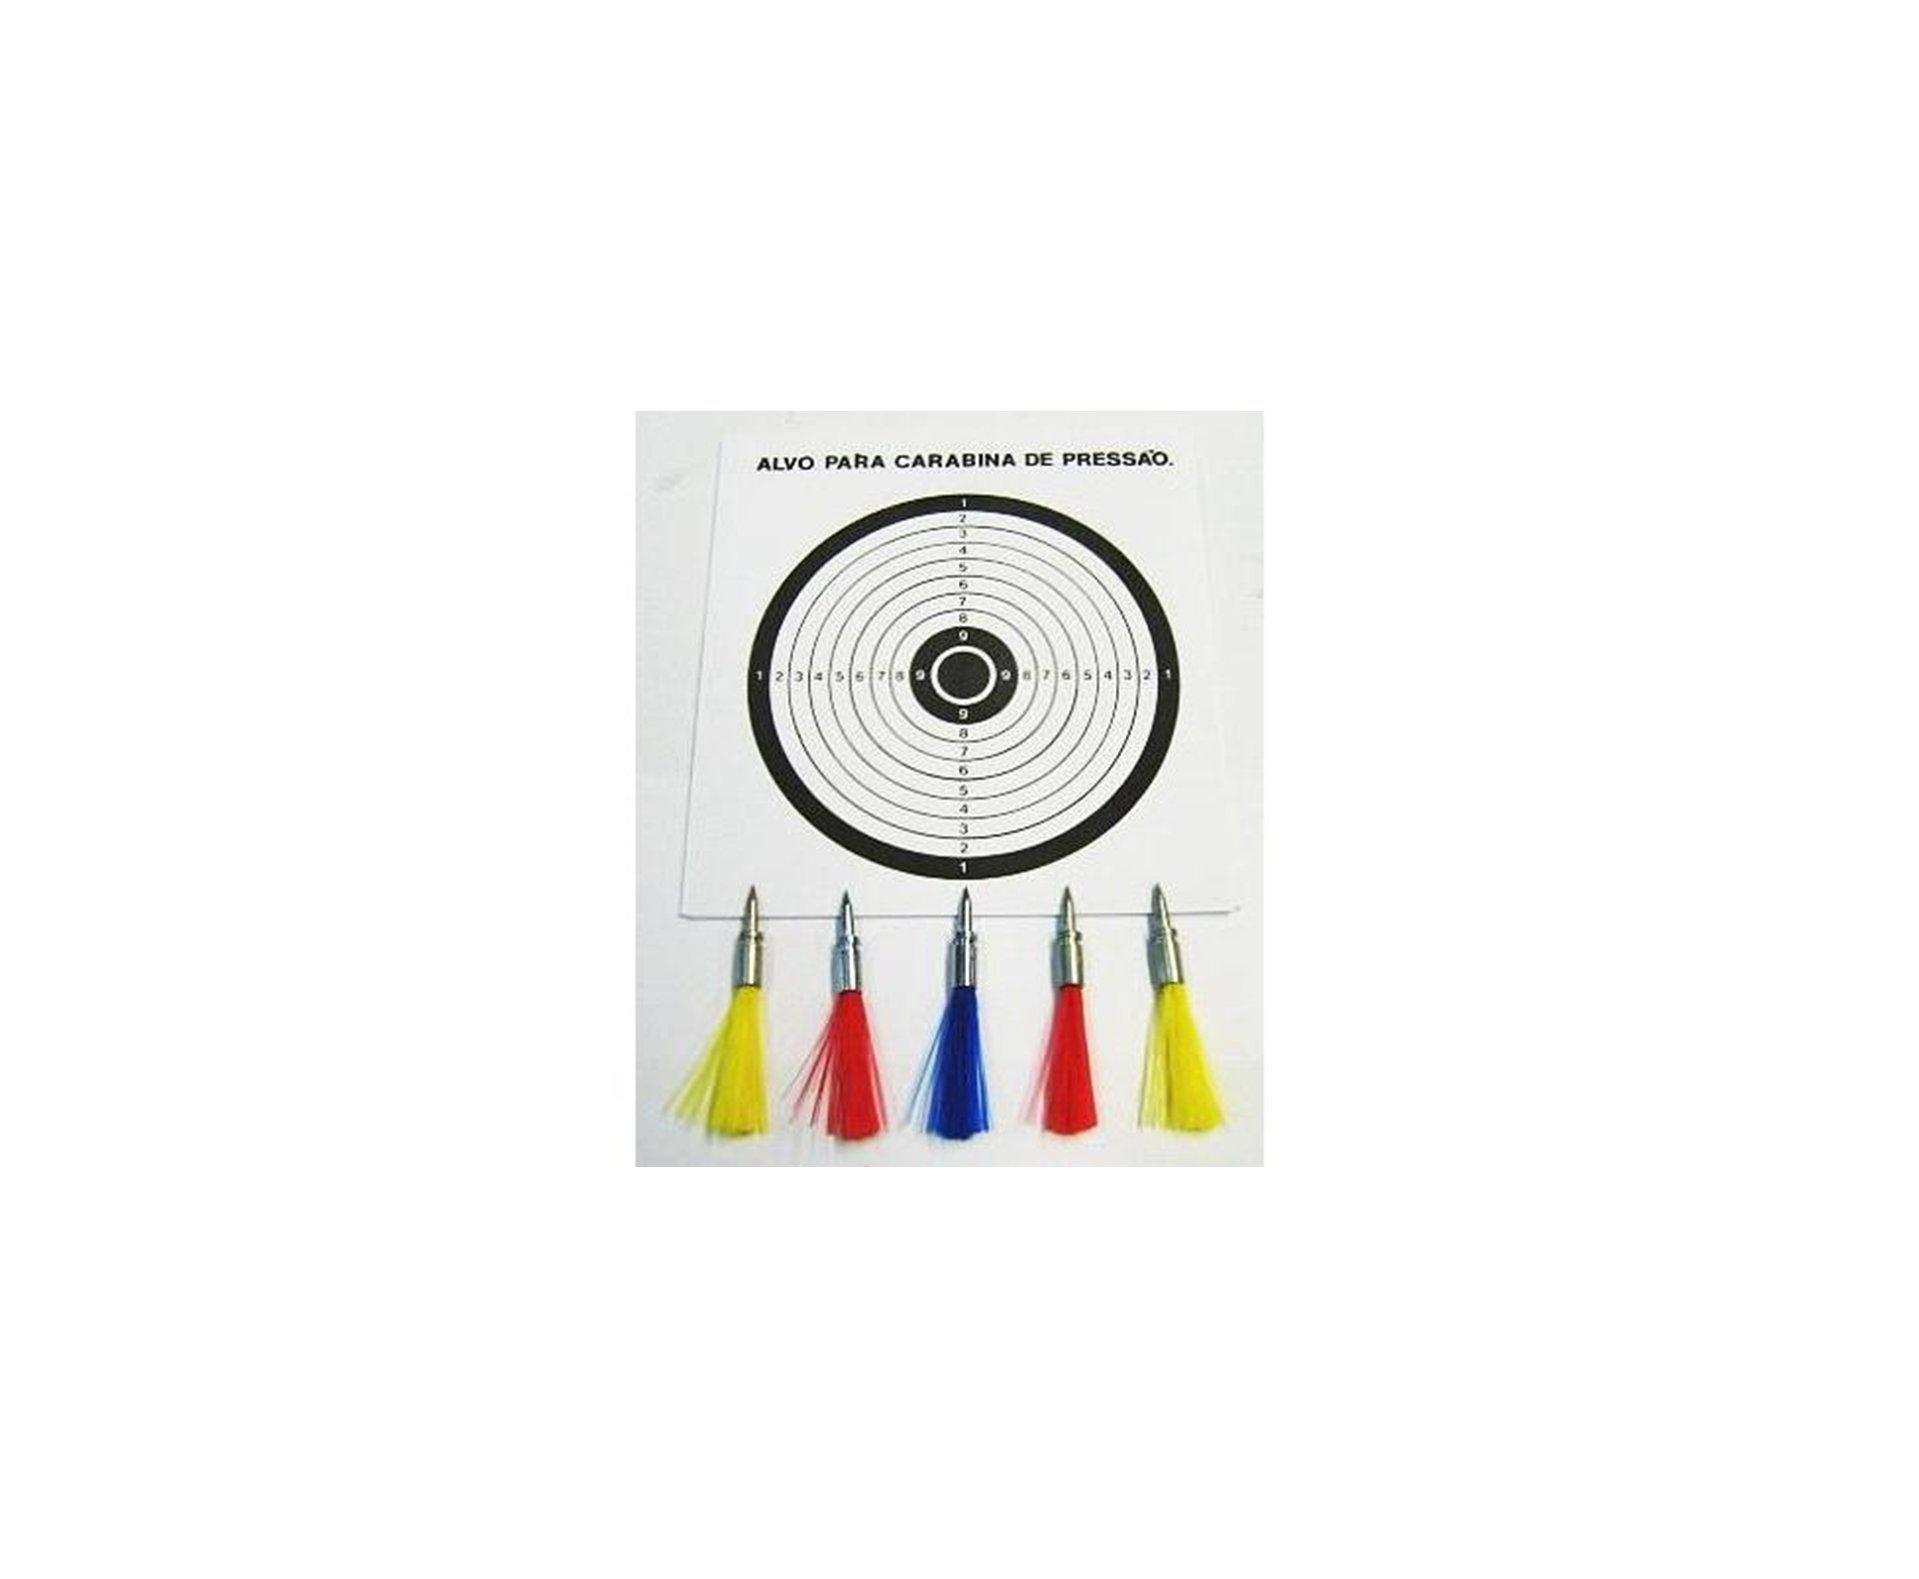 Setas Coloridas Cal 5,5mm (com 5 Dardos E 3 Alvos)